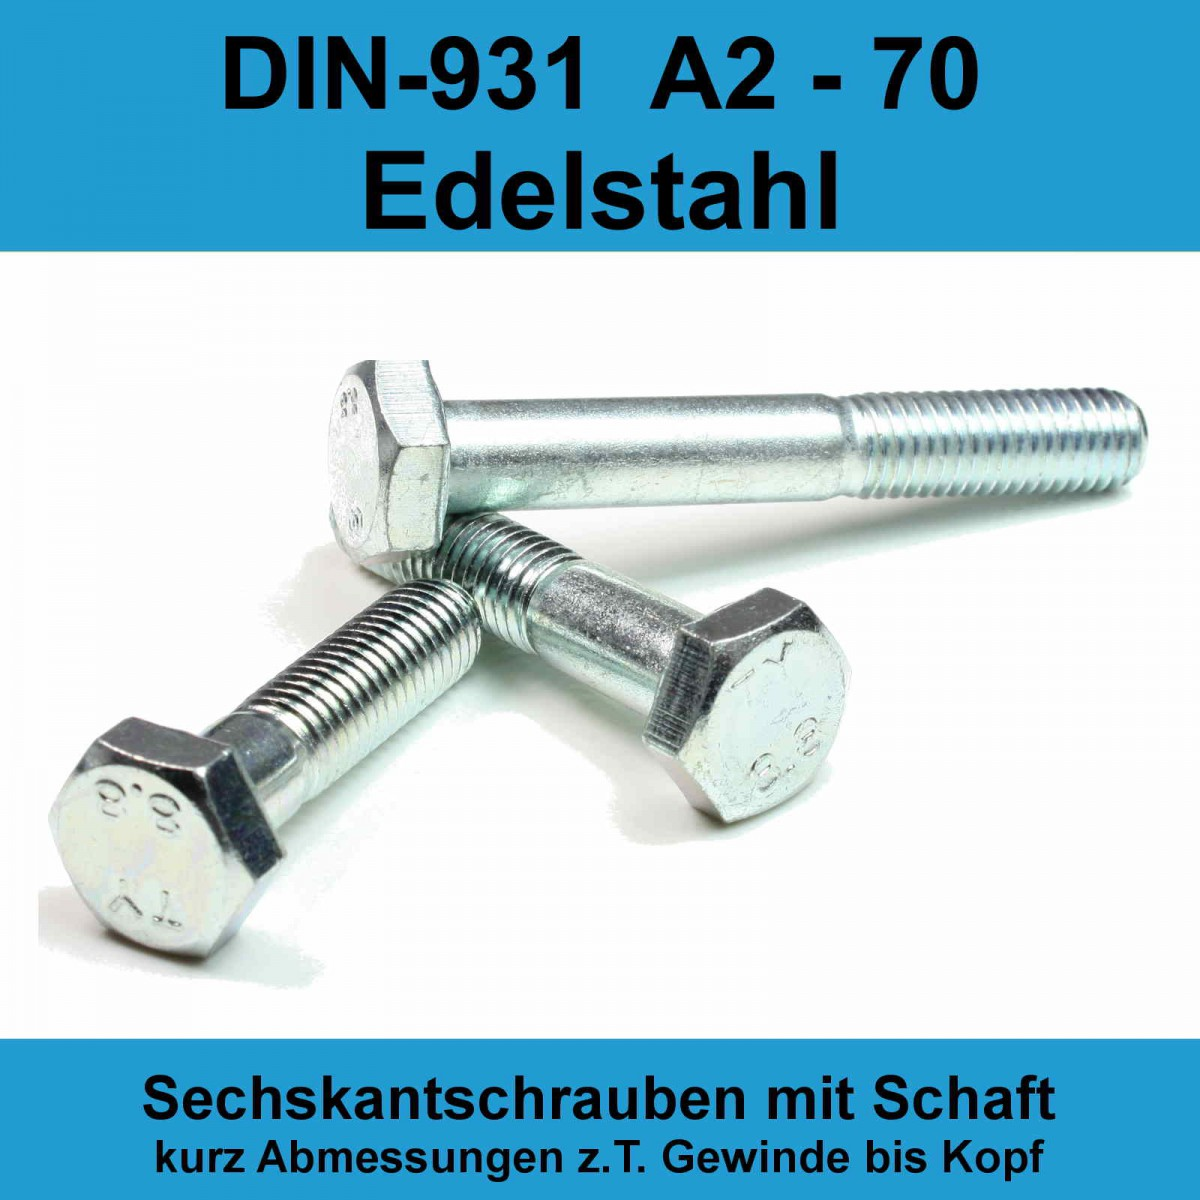 M8 DIN 931 Güte 8.8 10 Stk Sechskantschraube mit Schaft